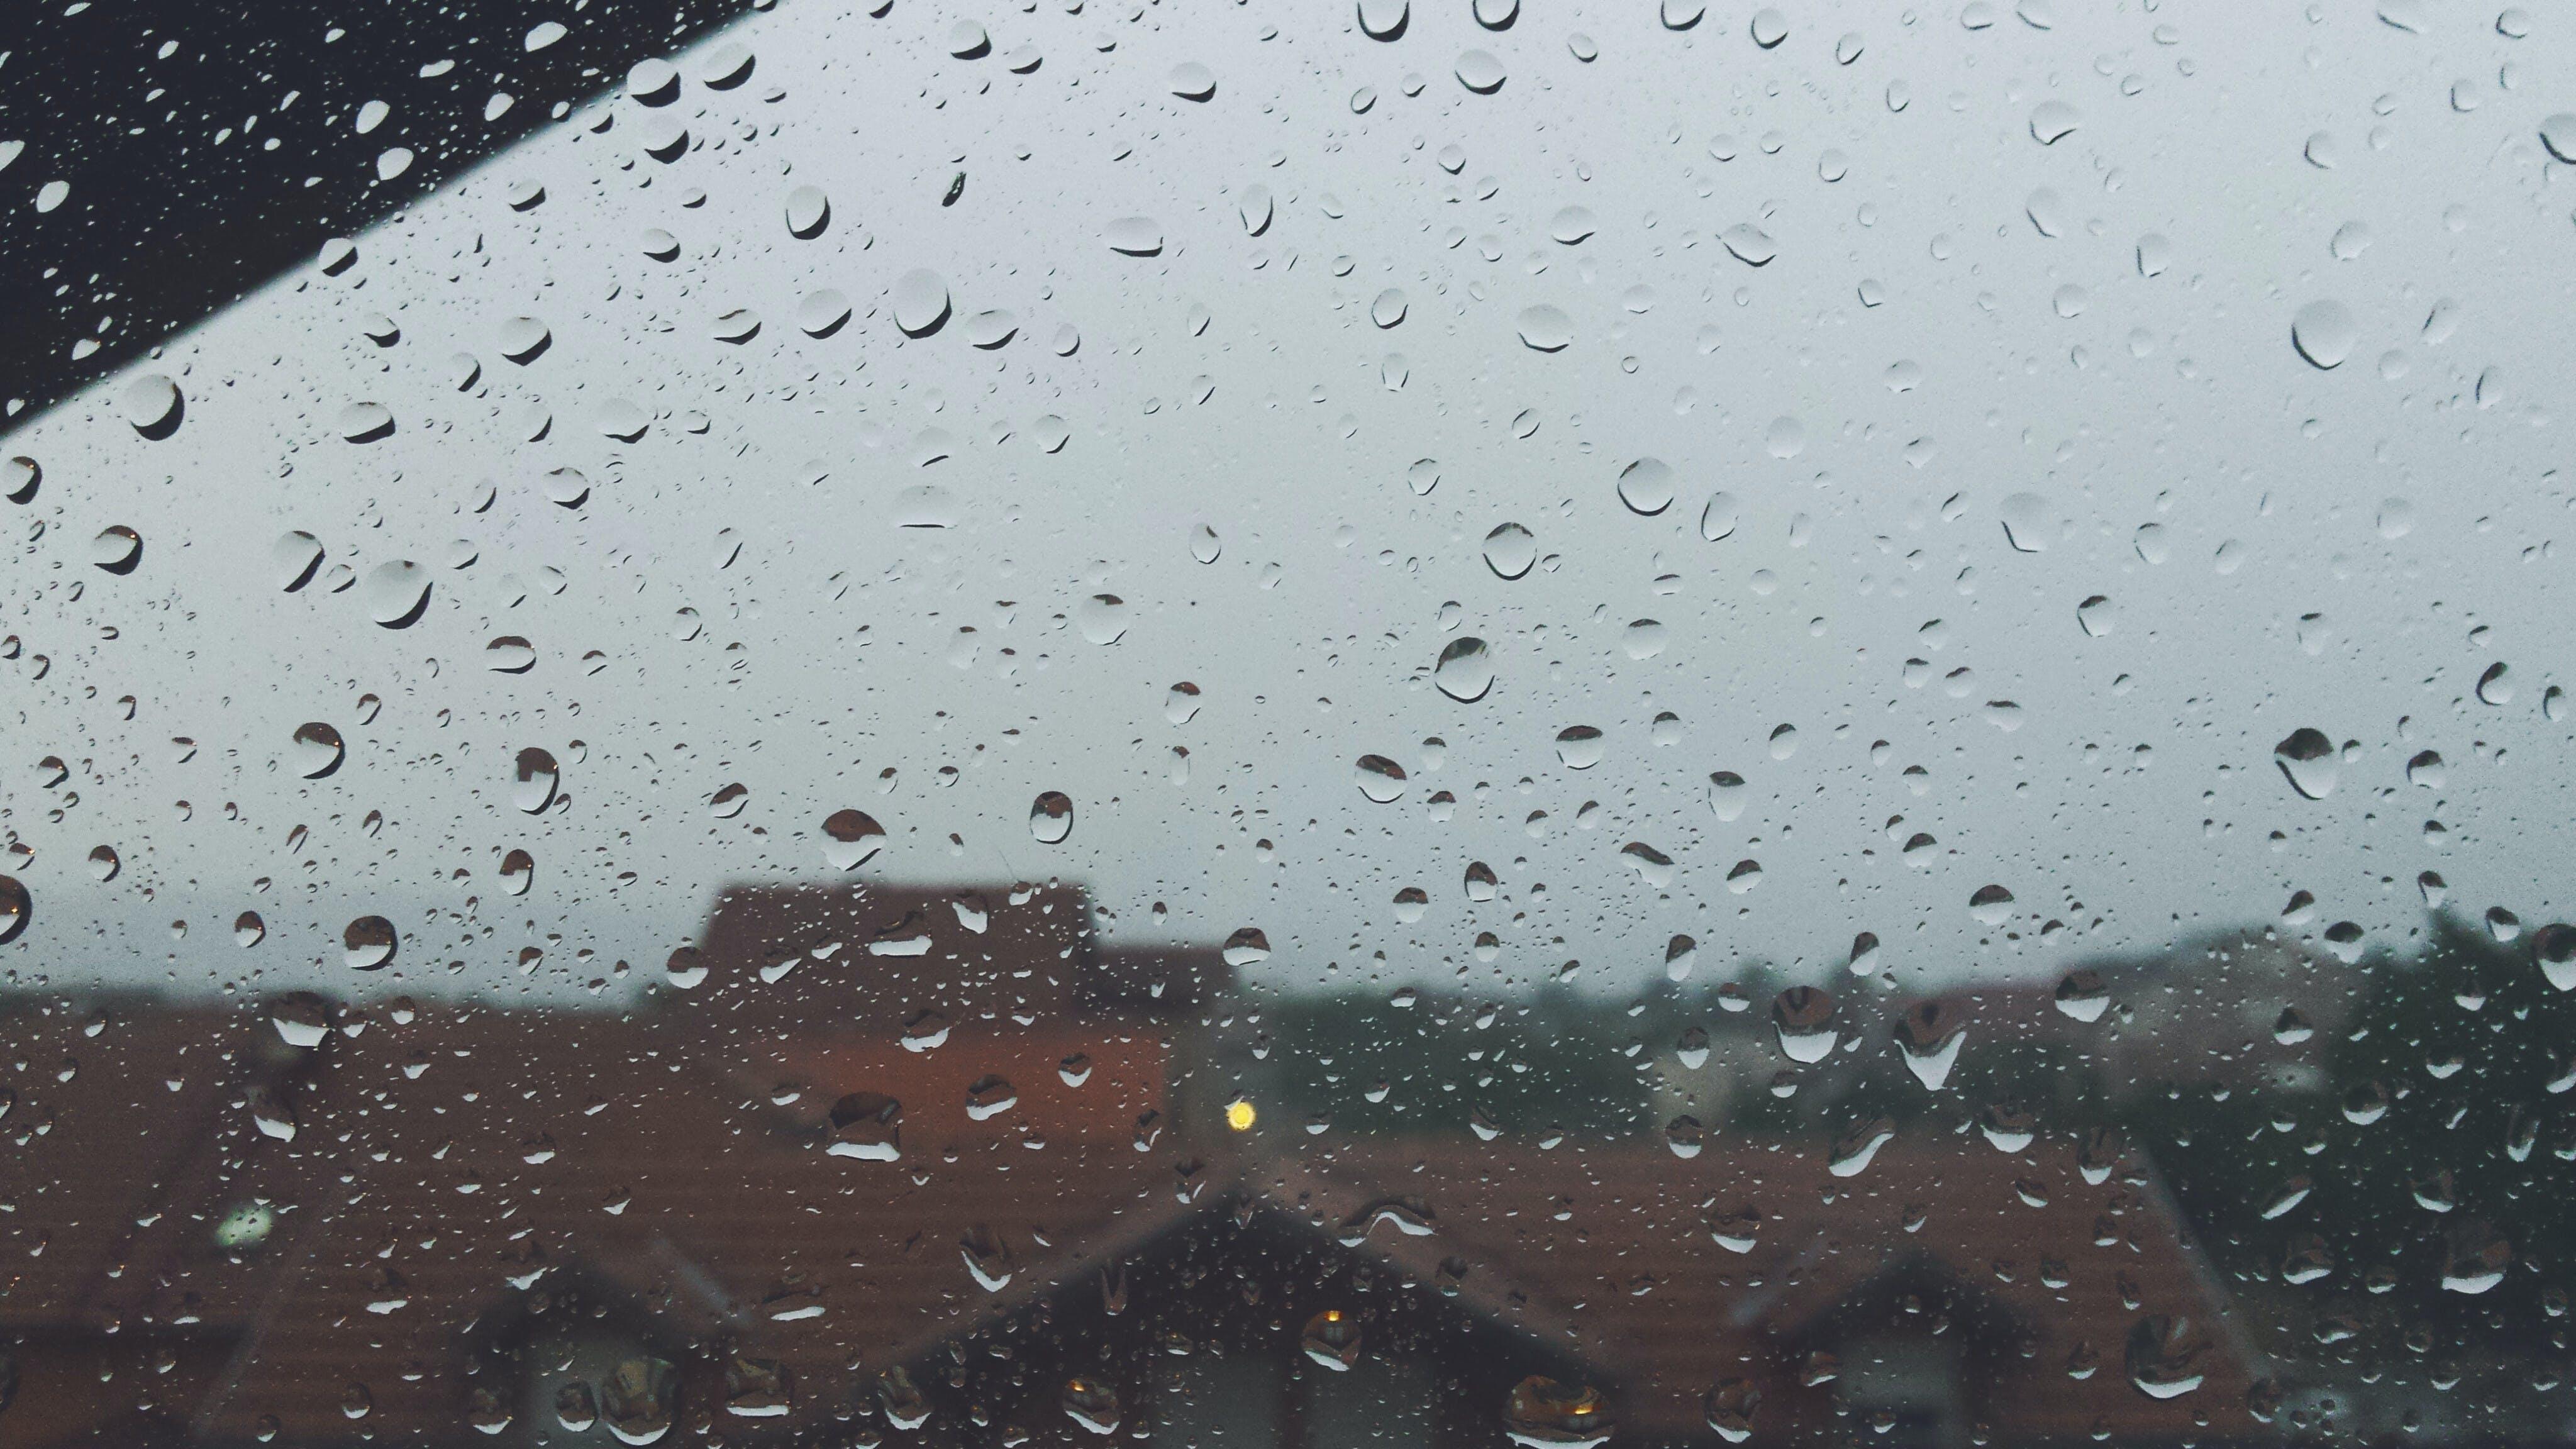 Free stock photo of rainy, rain, raindrops, galaxy